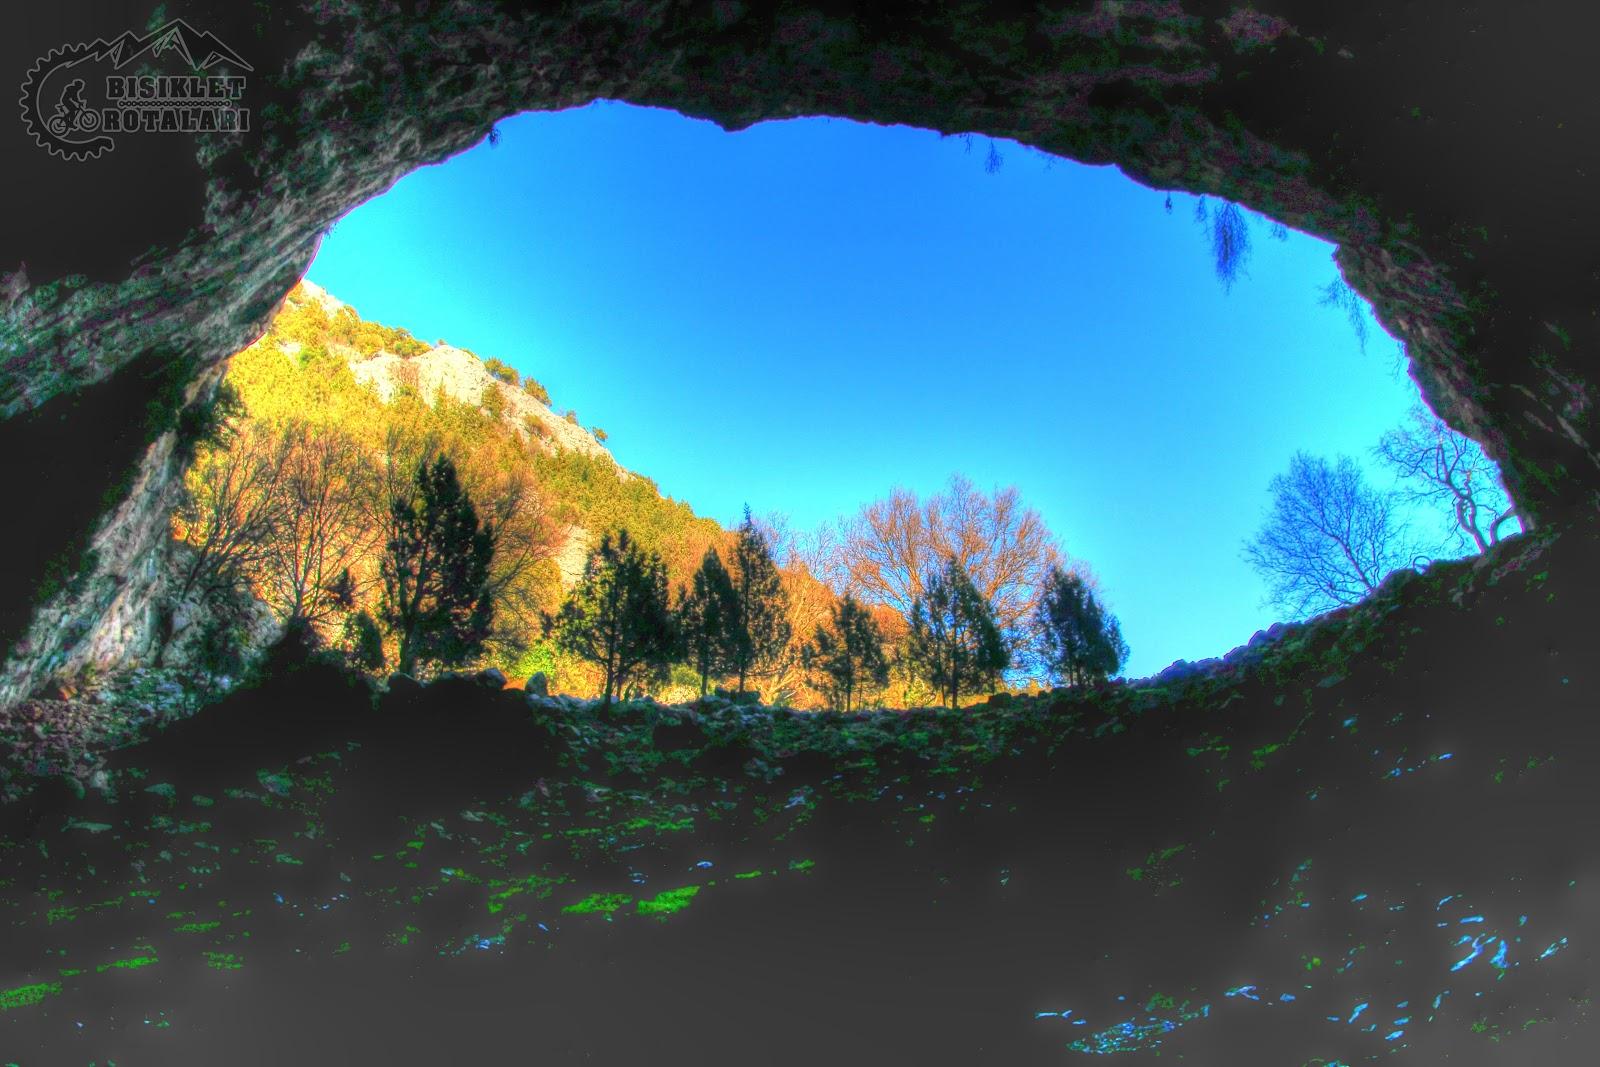 Kocain Mağarası